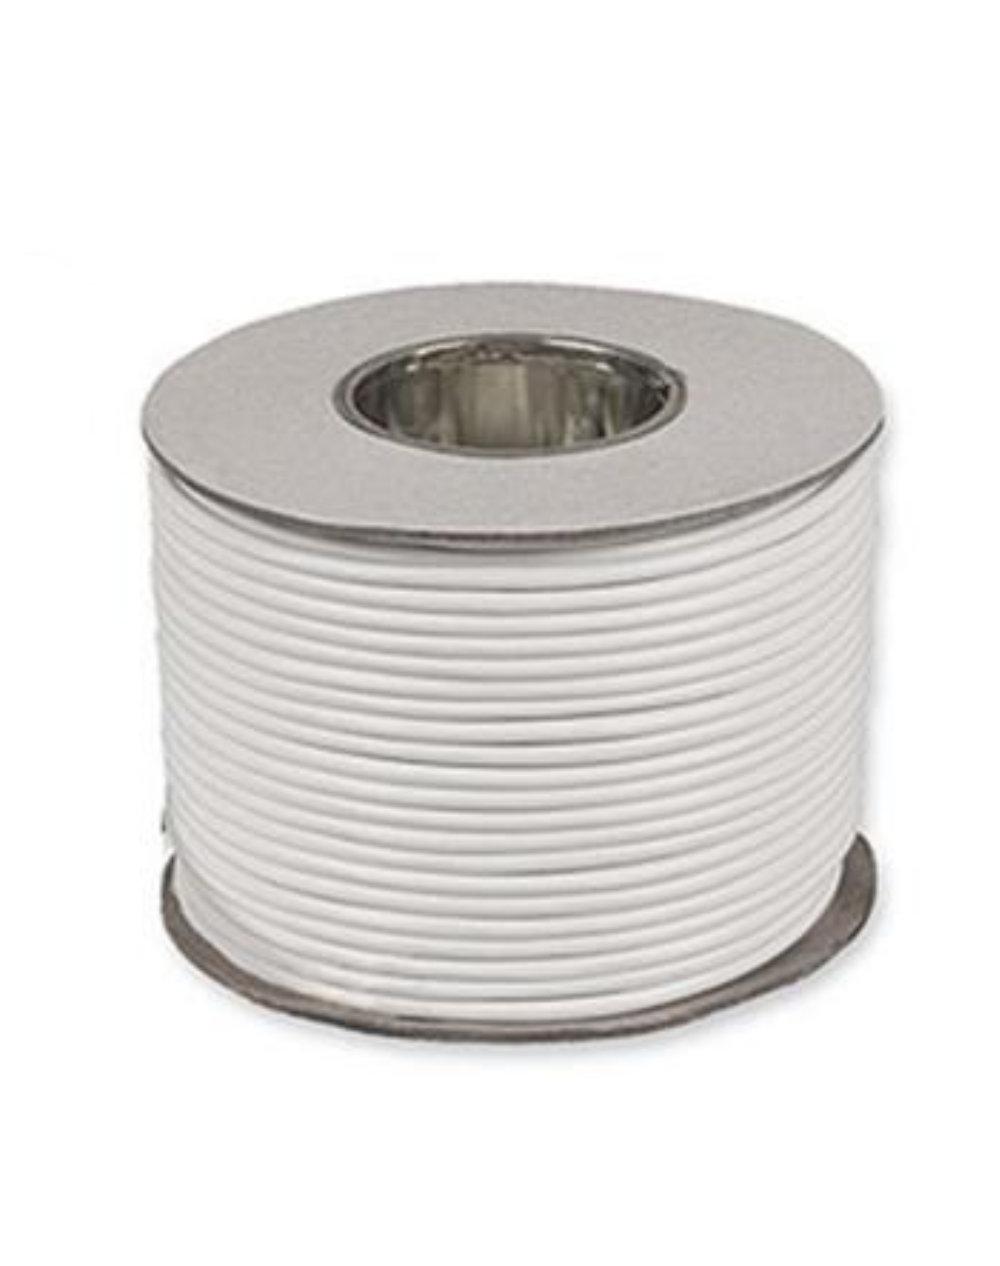 Kábel dvojžilový z PVC v bielej farbe, 2 x 0.75mm, 1 meter